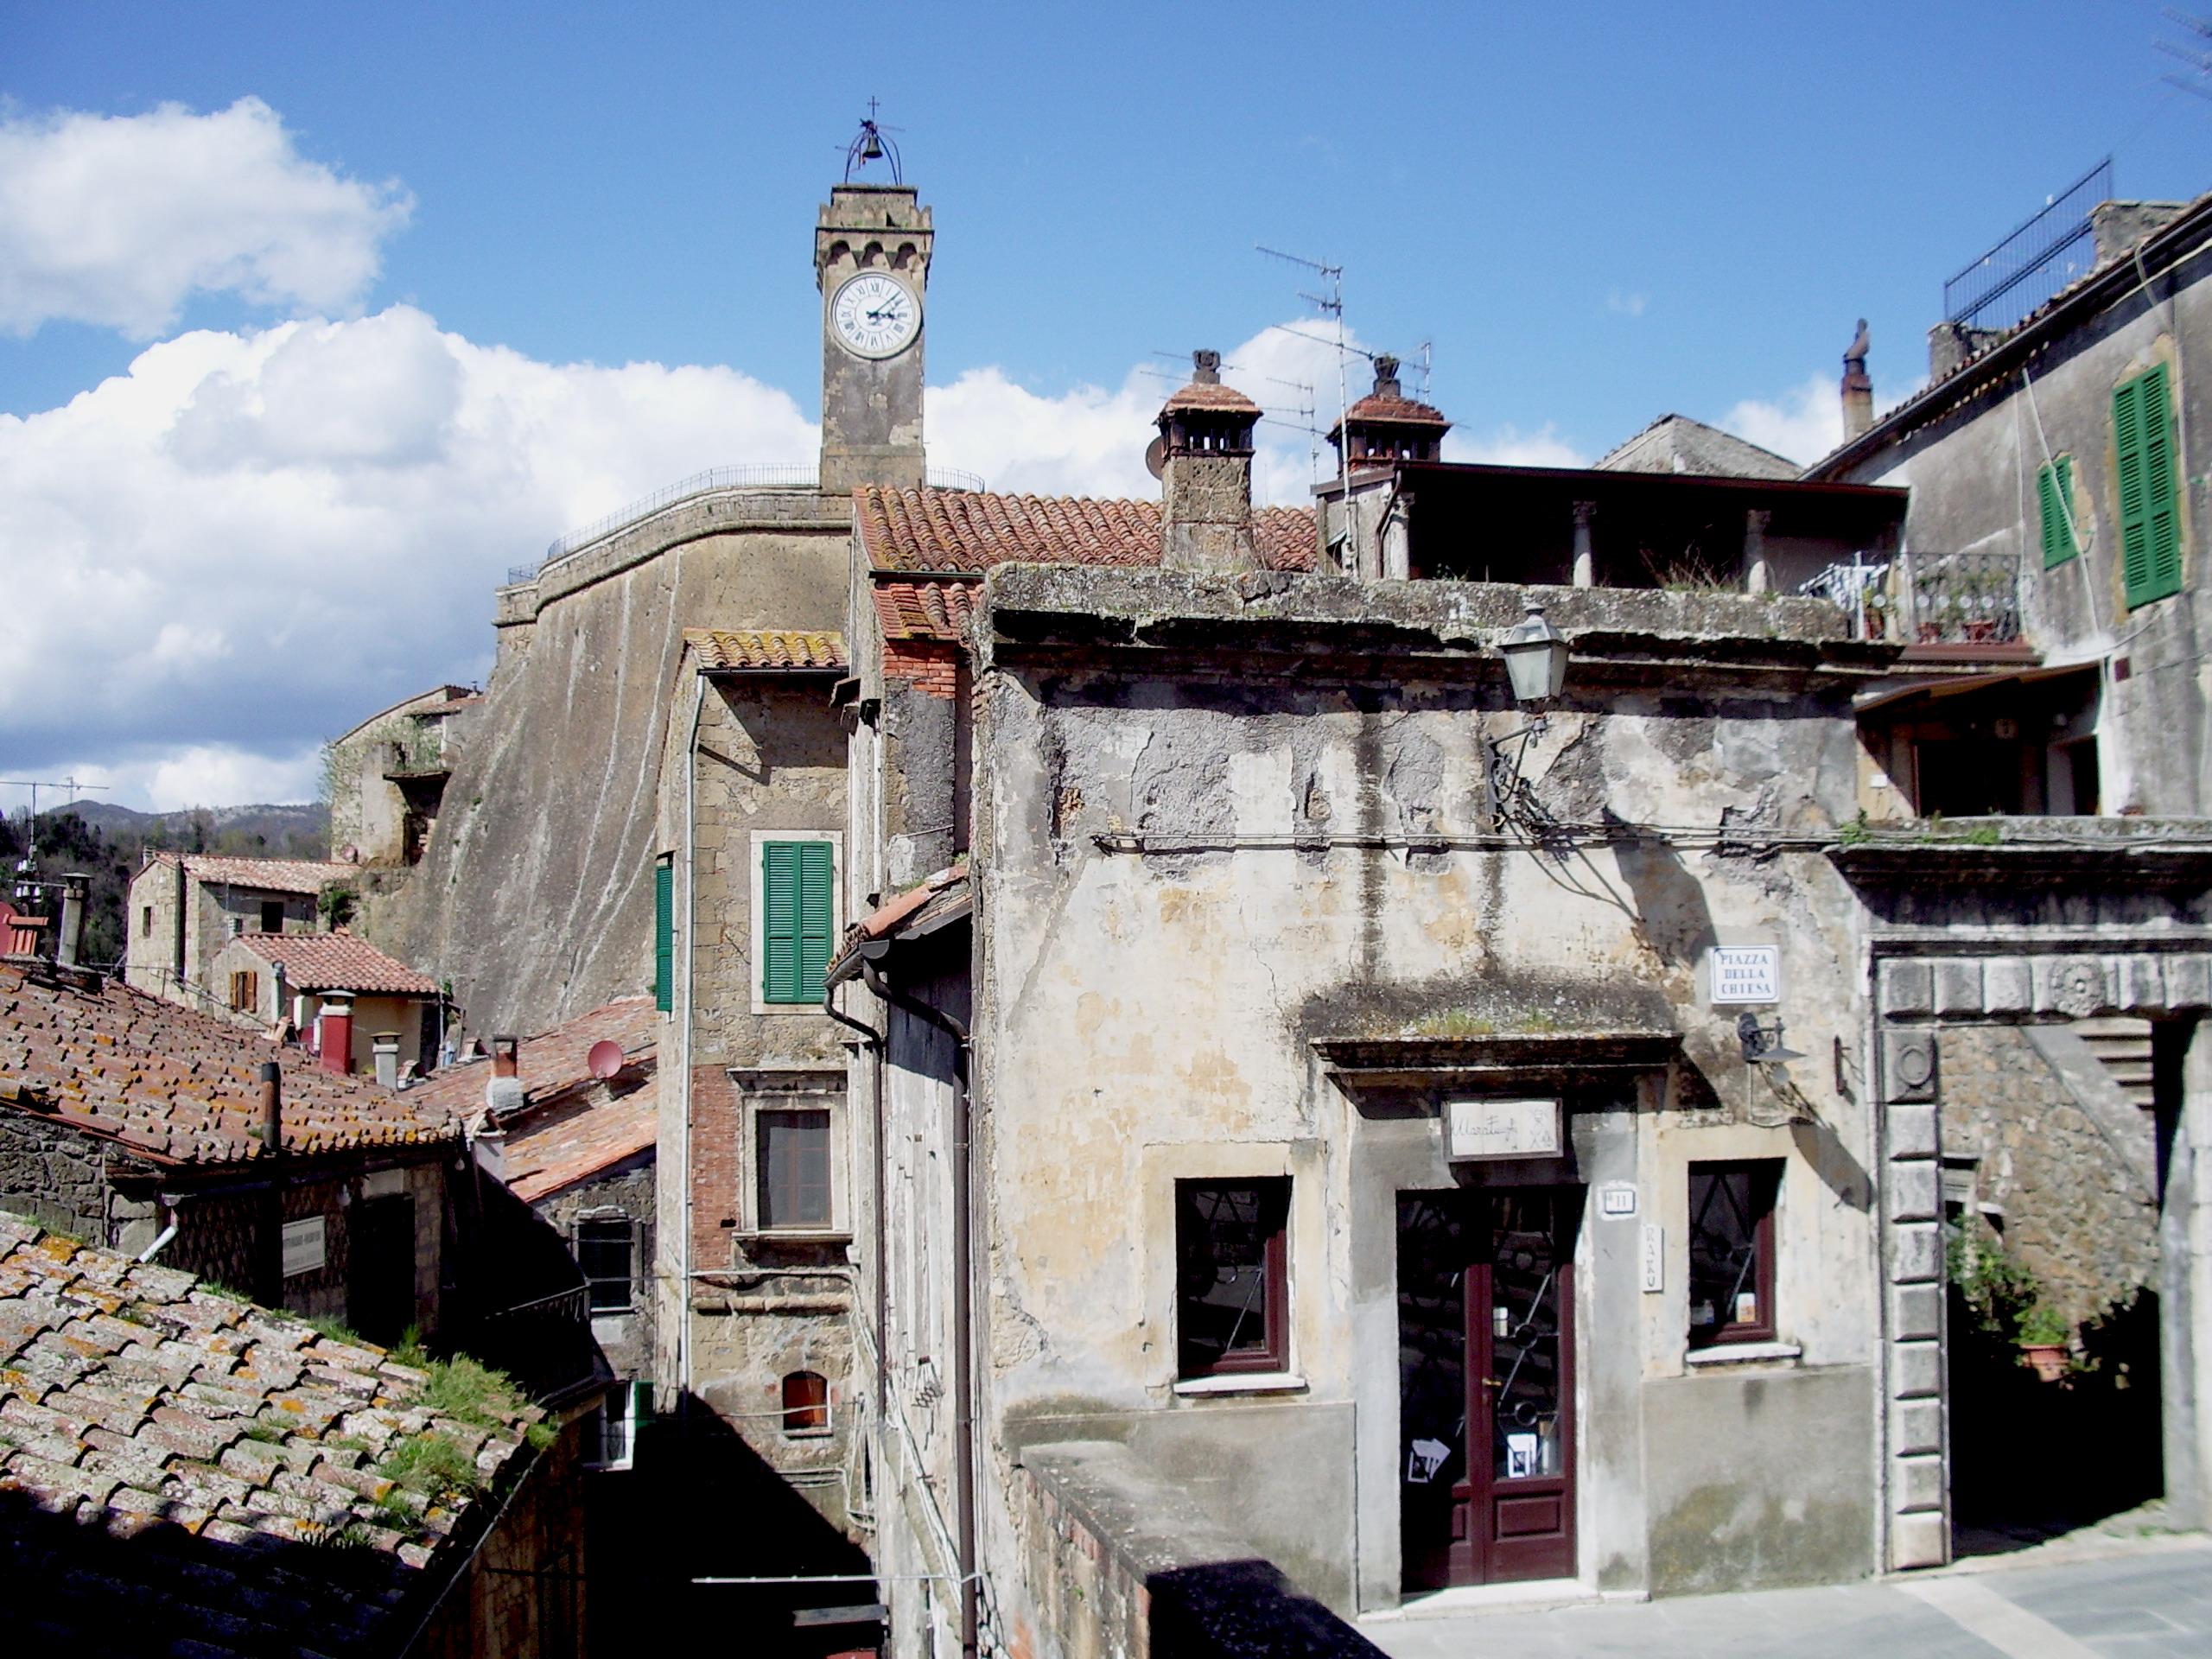 Masso Leopoldino e Torre dell'Orologio Sorano.jpg